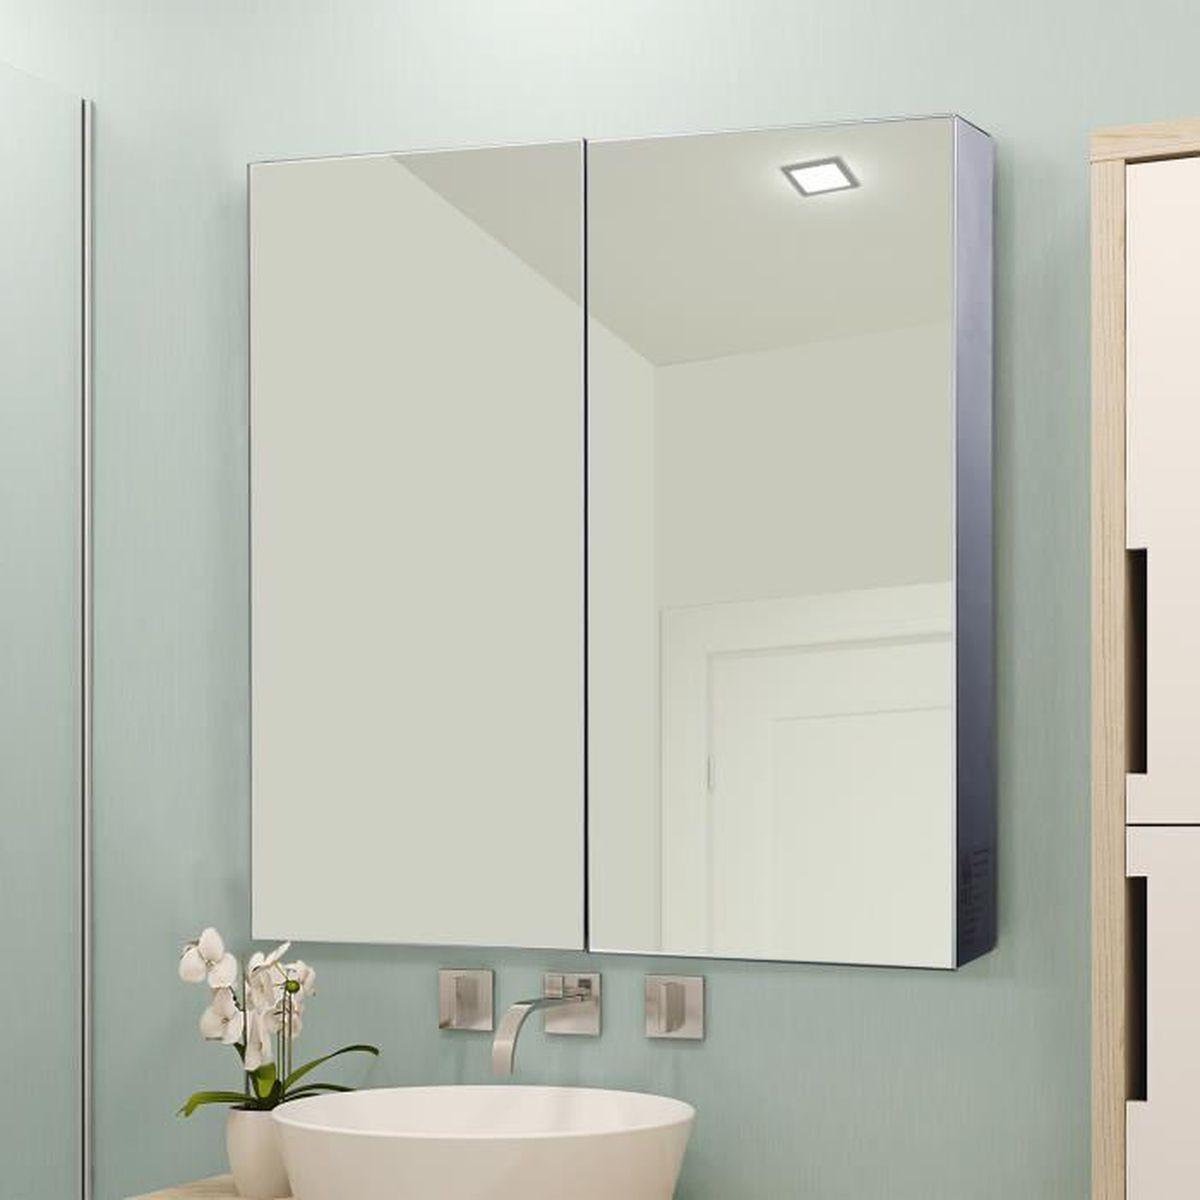 Eclairage Volume 2 Salle De Bain armoire à glace armoire à pharmacie miroir double porte 3